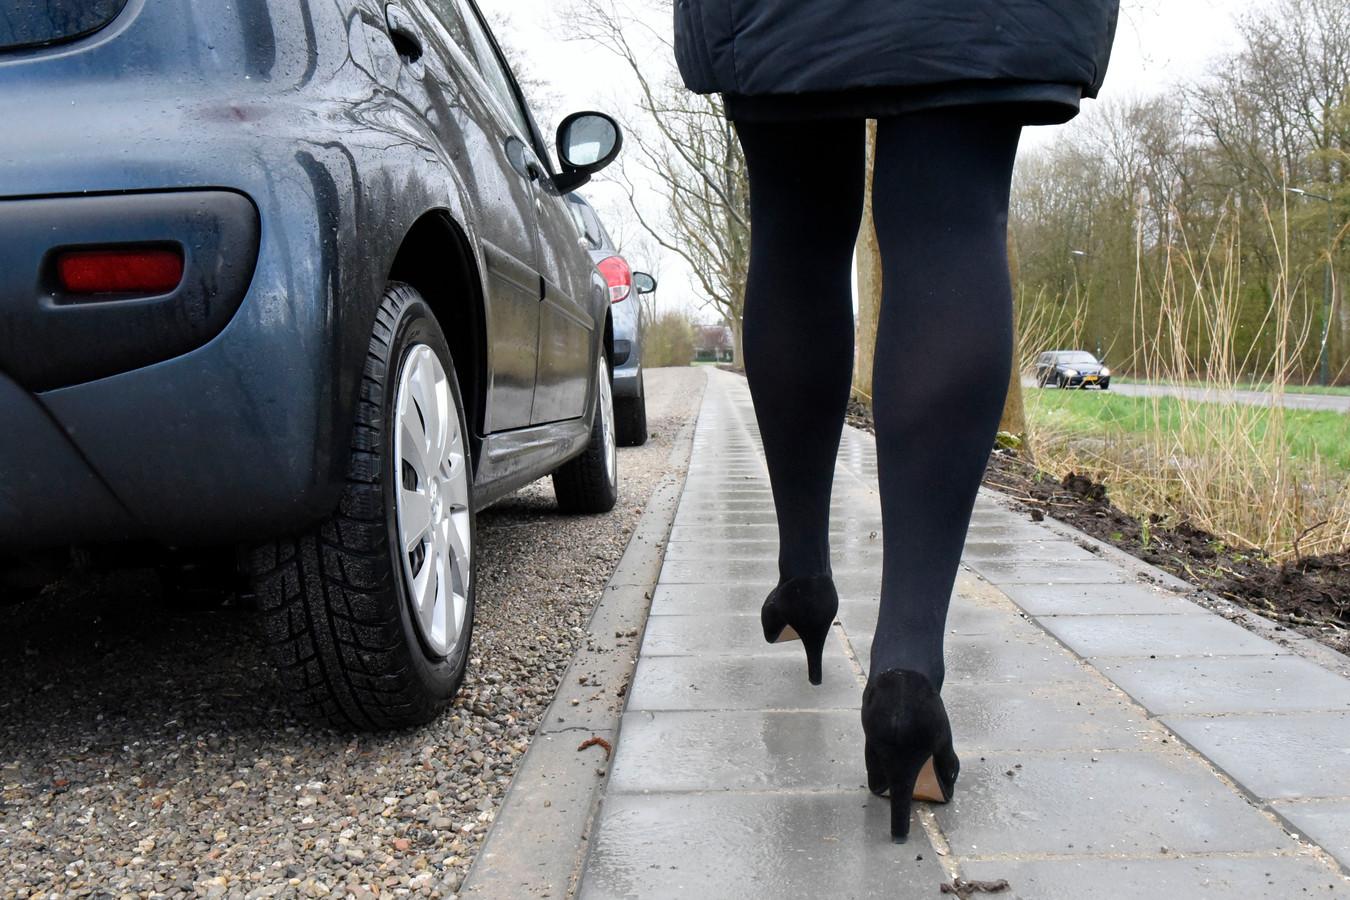 """Het kerkbestuur van de gereformeerde gemeente Woerden is dolblij met het aangelegde voetpad langs de parallelweg van de Oudelandseweg. ,,Hierdoor is de kerk beter bereikbaar voor bezoekers op hun nette schoenen."""""""